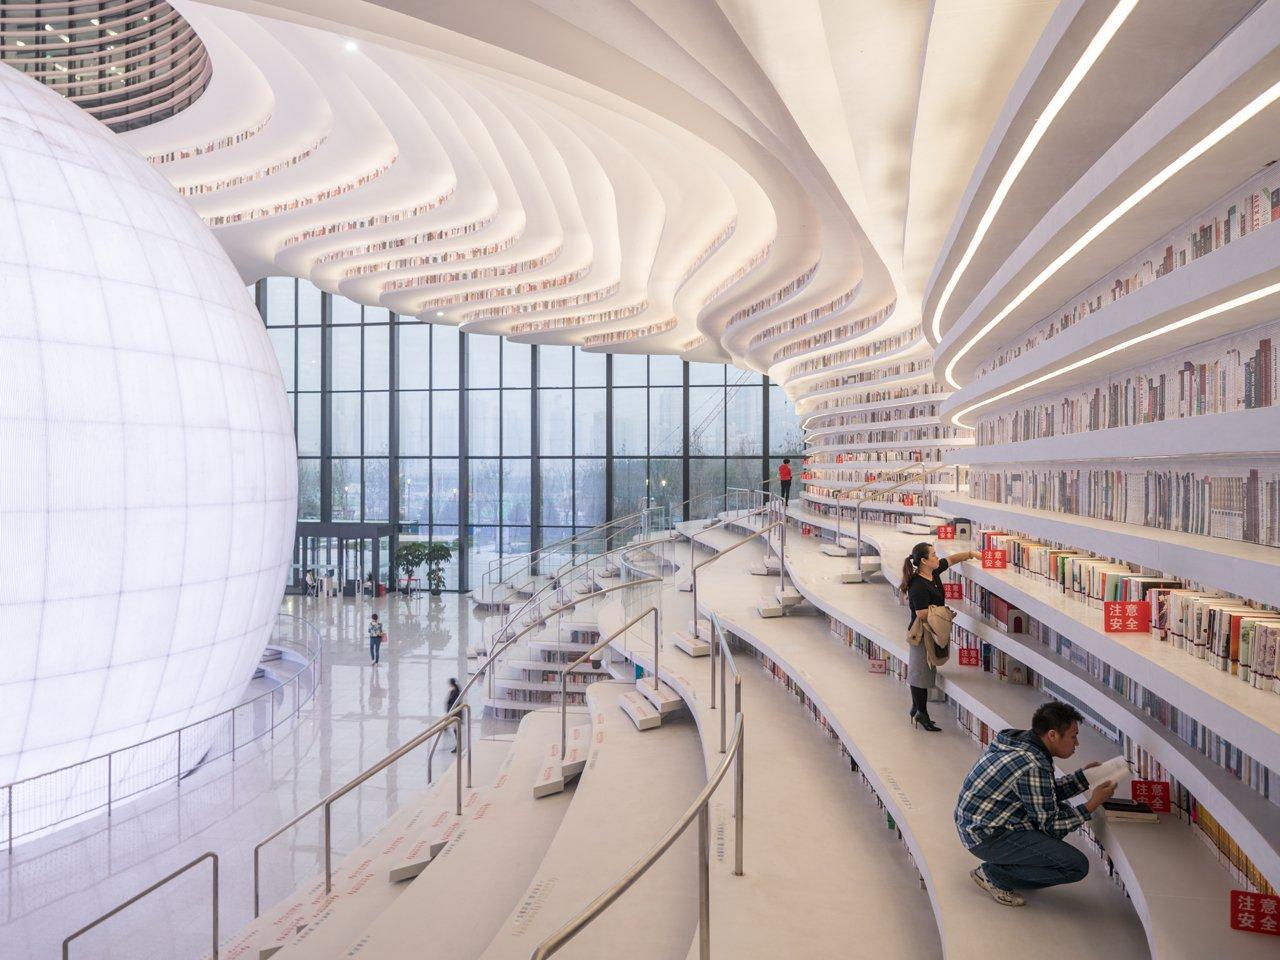 biblioteca-de-tiajin-7